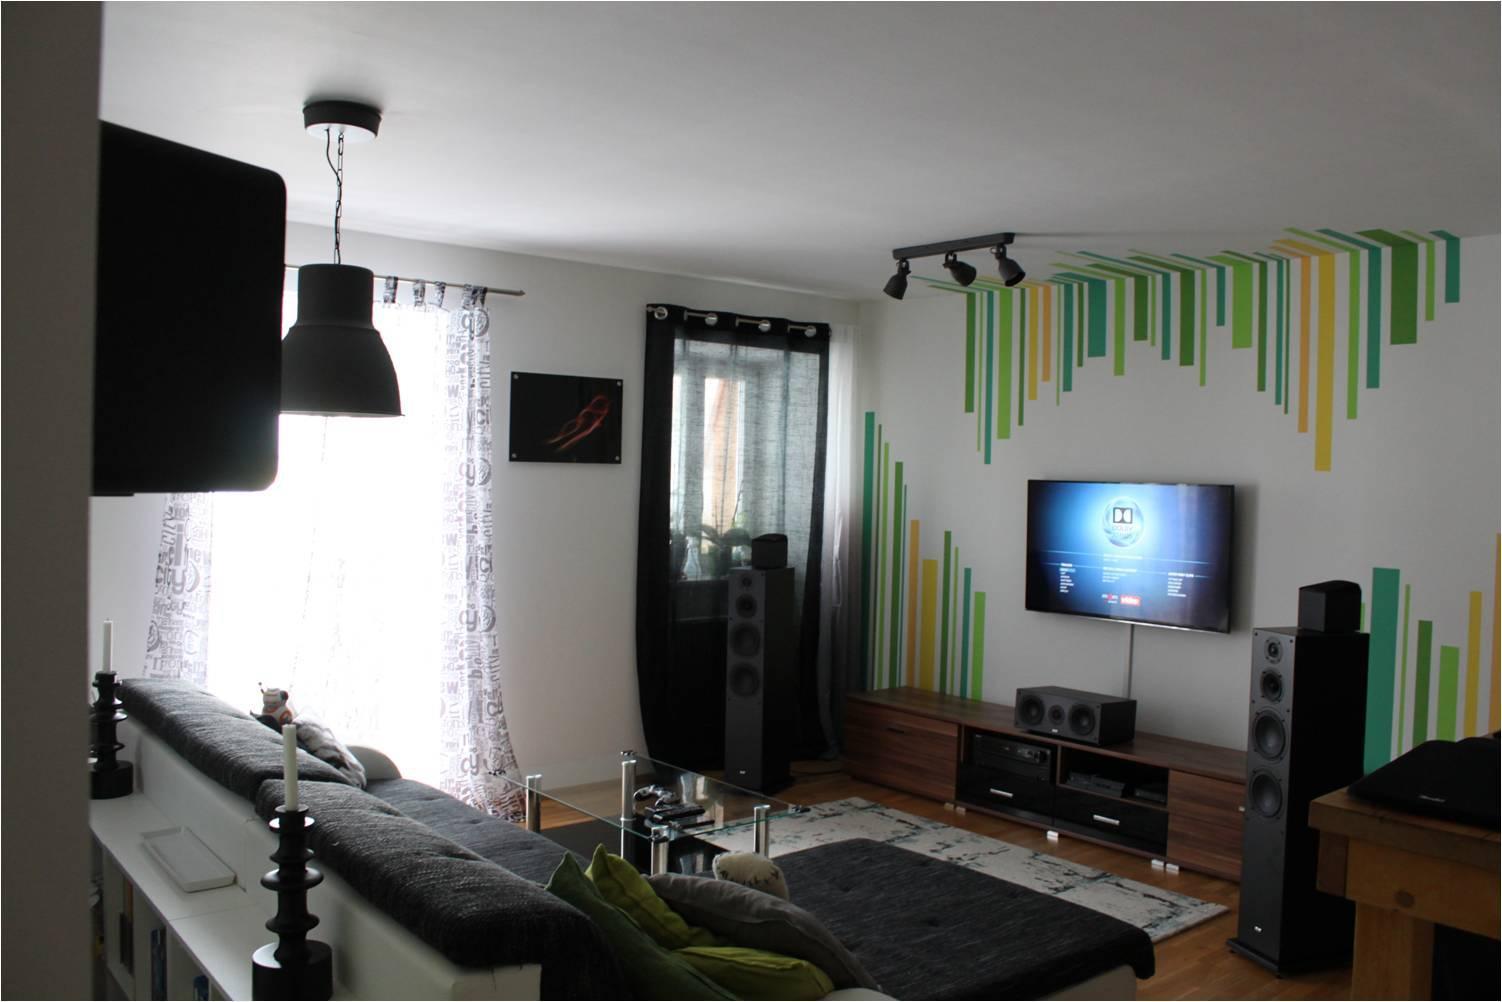 Heimkino 2k17 2k17 elac heimkino onkyo samsung teufel hifi bildergalerie - Audio anlage wohnzimmer ...